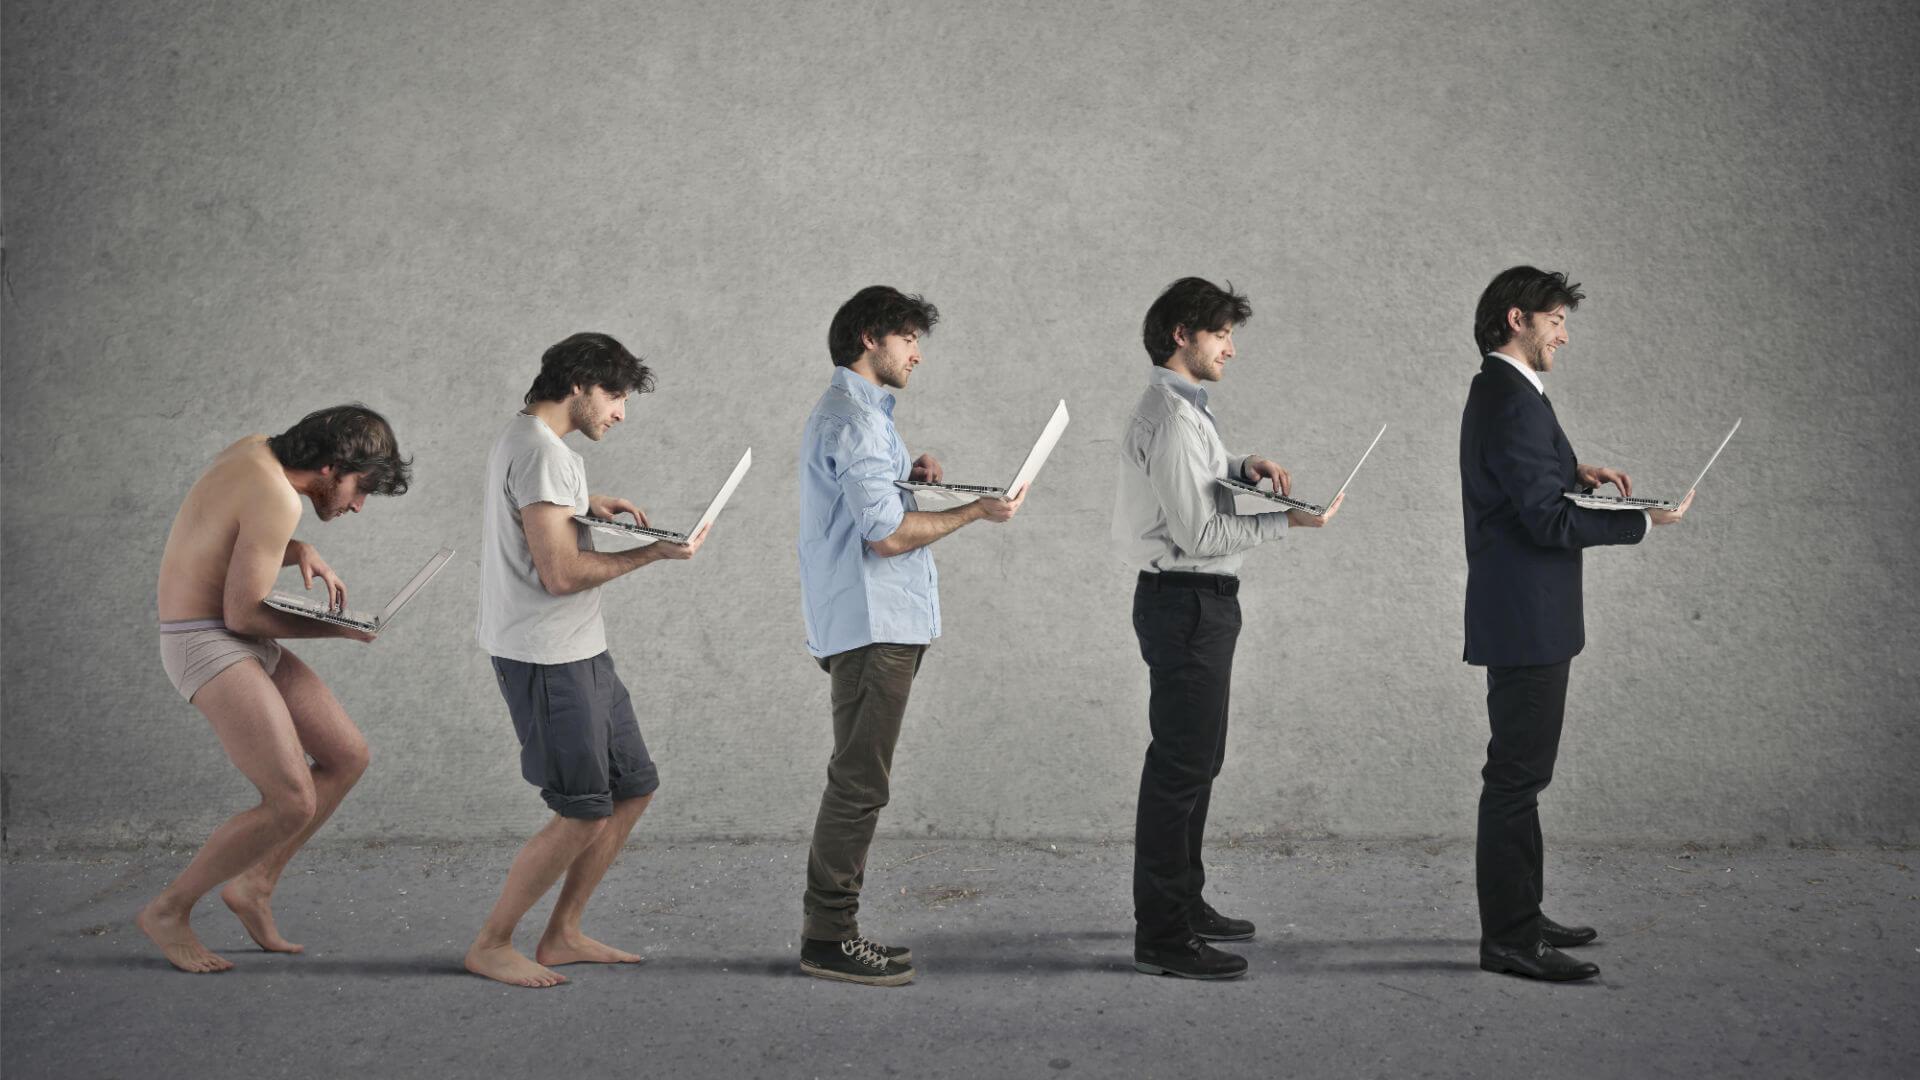 Lihat 5 Perubahan Penting Ini Yang Jadi Alasan Kenapa Harus Jualan Online